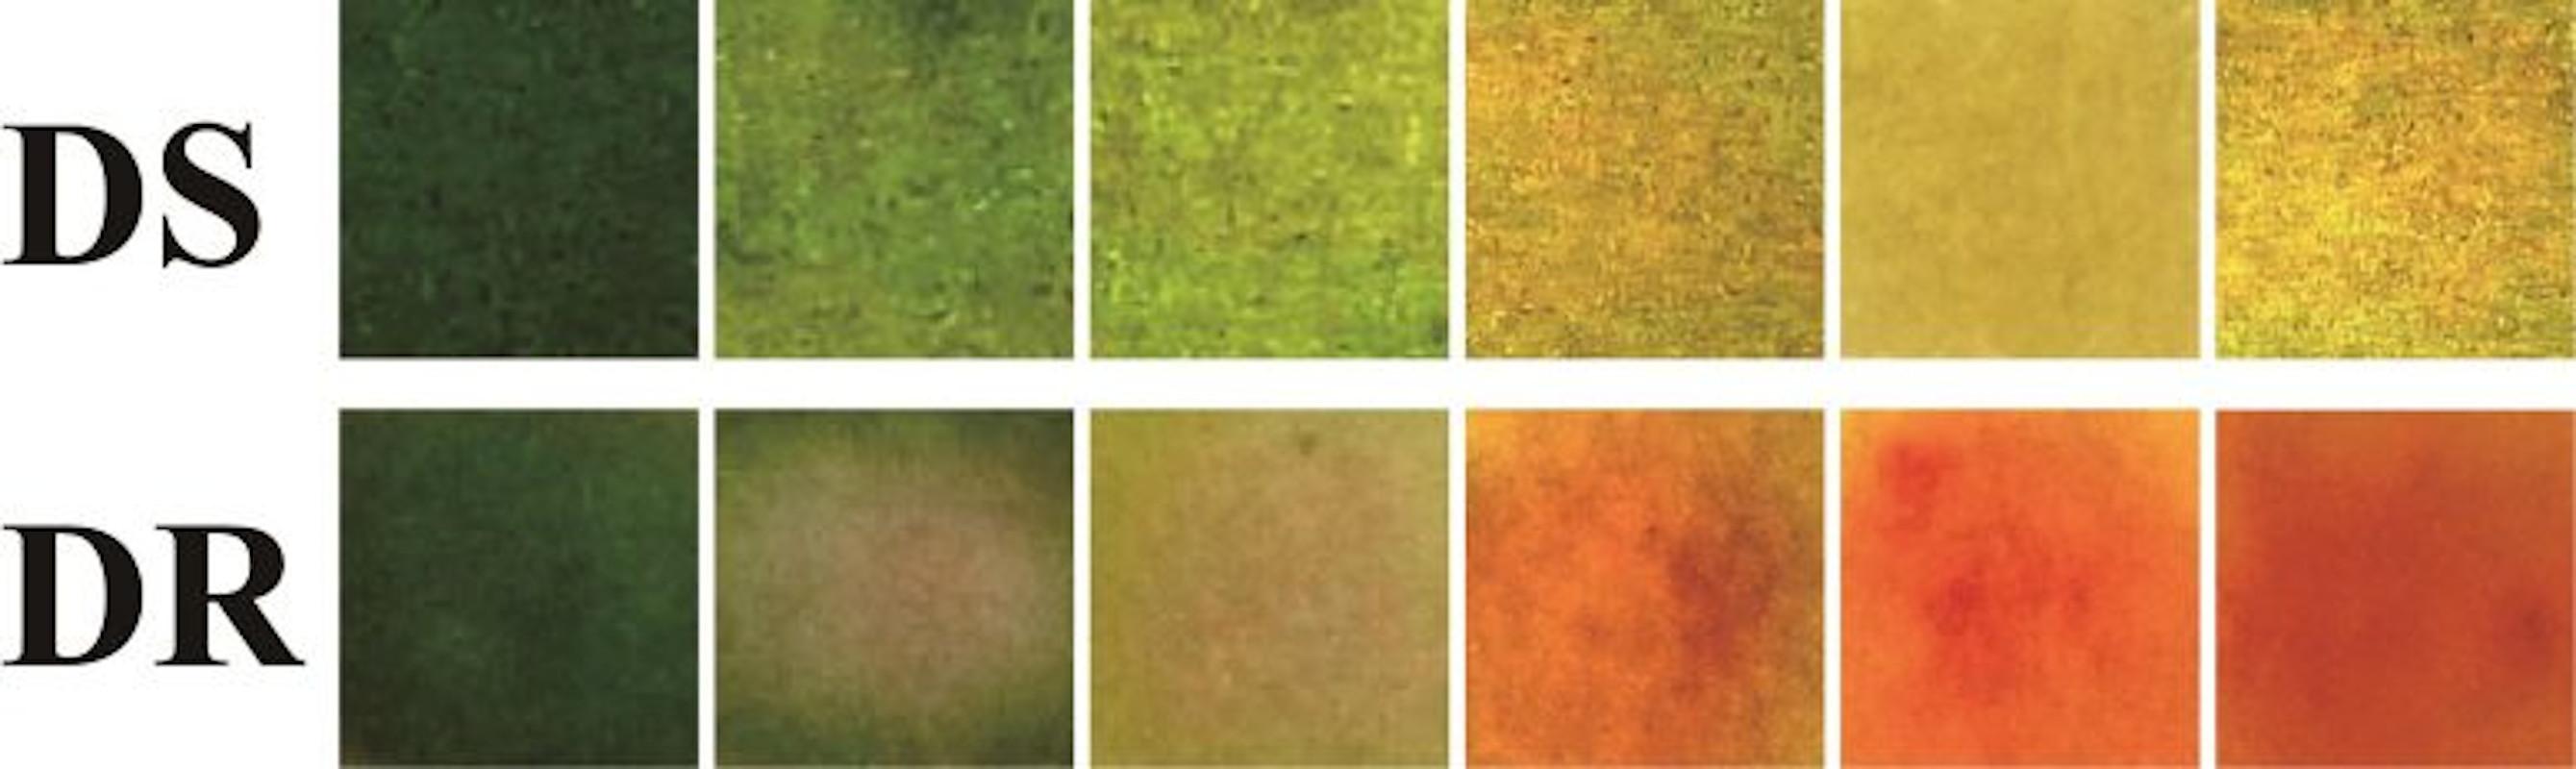 Curativo inteligente muda de cor e trata infecções bacterianas